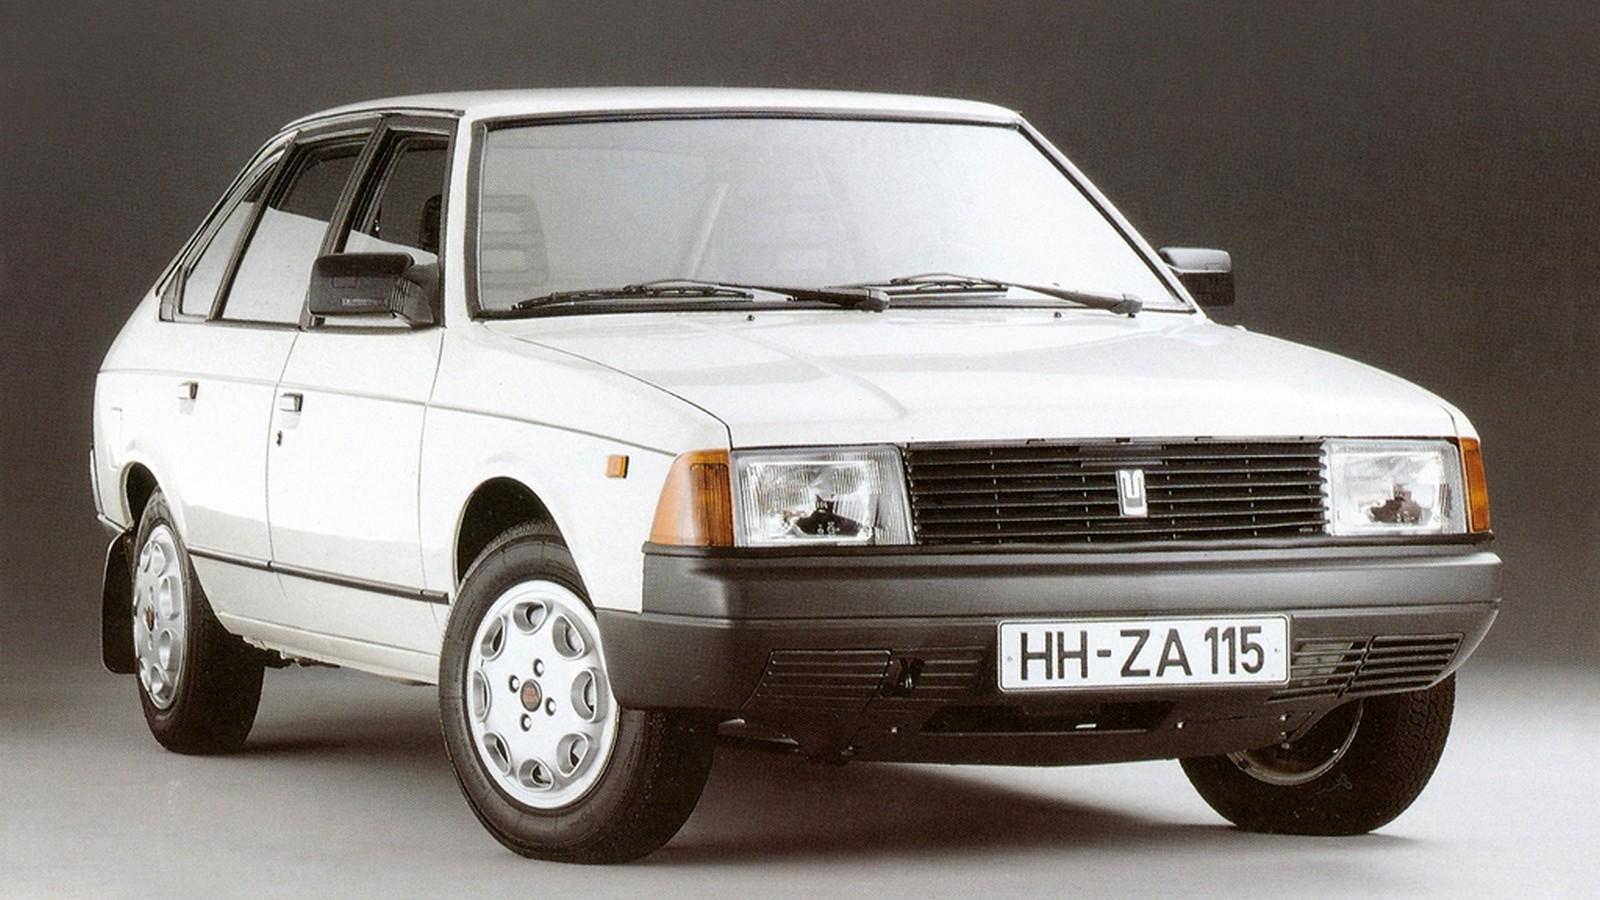 Для немецкого рынка «сорок первый» переименовали в… Lada Aleko! Причина проста – немцы просто не знали такую автомобильную марку, как Москвич, поэтому руководство «Автоэкспорта» решило, что под «чужой фамилией», да еще с дизельным двигателем, у машины будет больше шансов на рыночный успех. Не получилось.